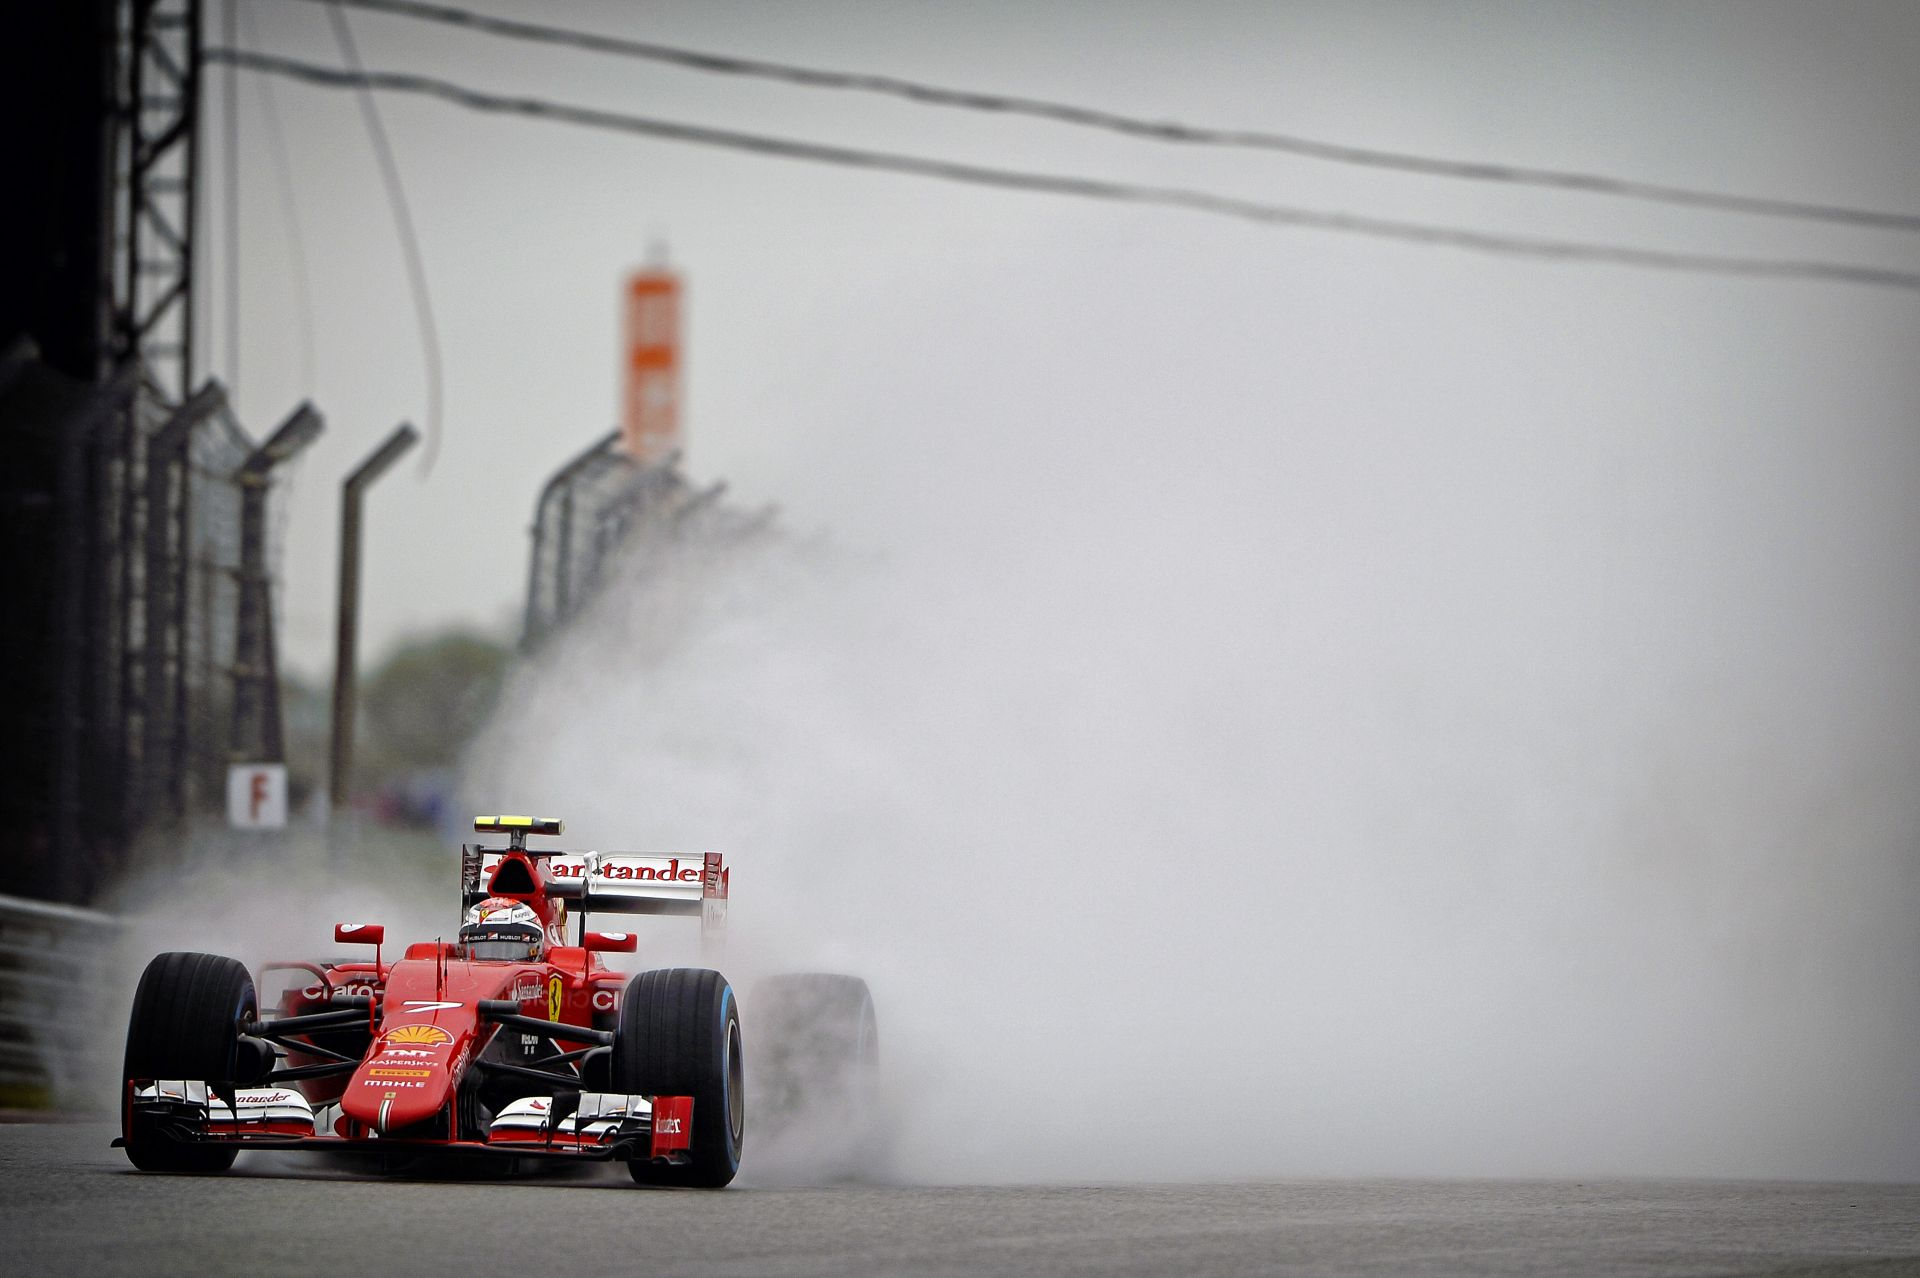 Izgalmas teszt után izgalmas nyilatkozat Räikkönentől